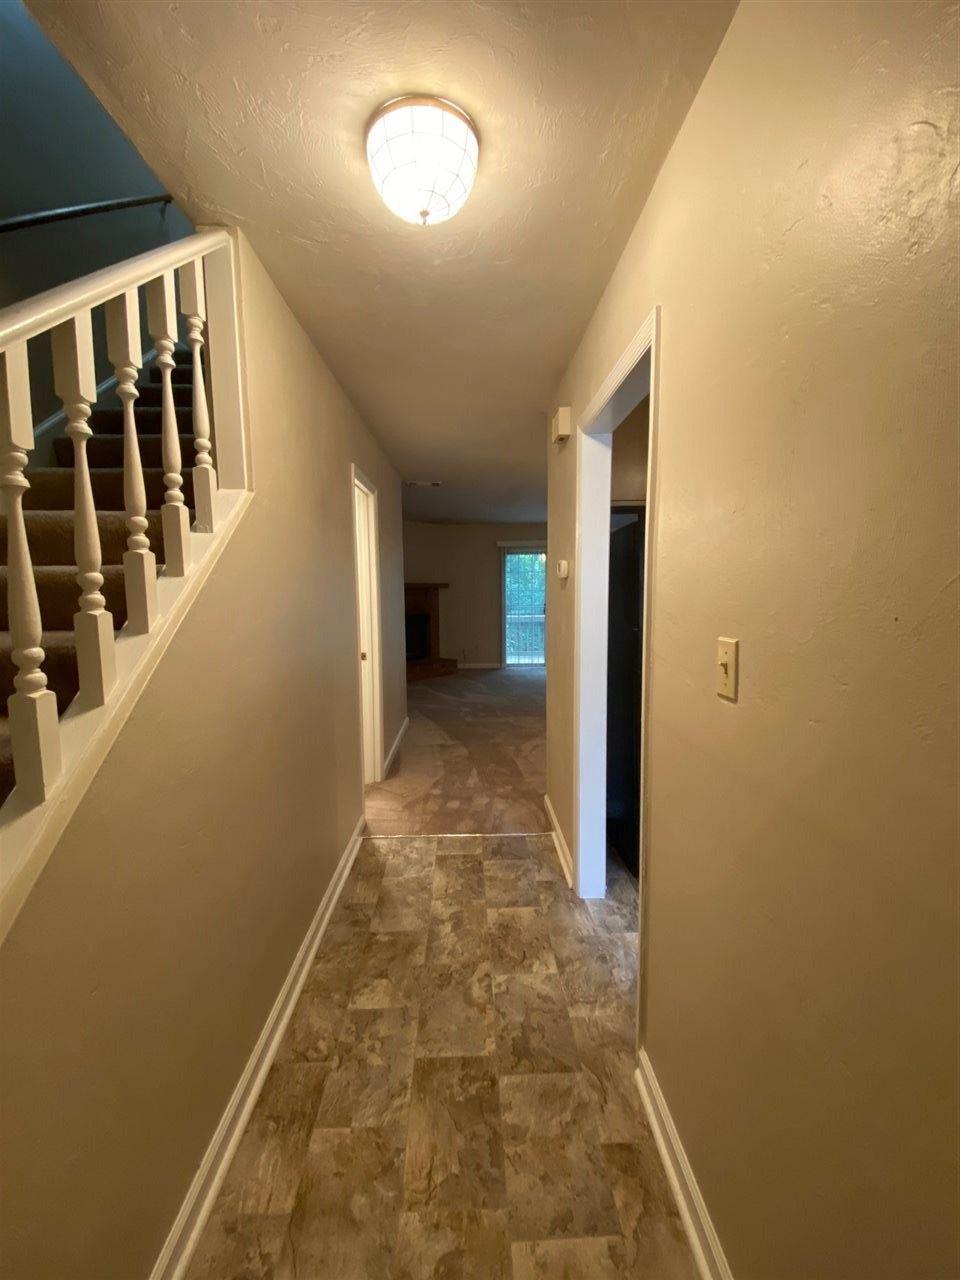 Photo of 1563 Jacks Drive #A, TALLAHASSEE, FL 32301 (MLS # 319628)